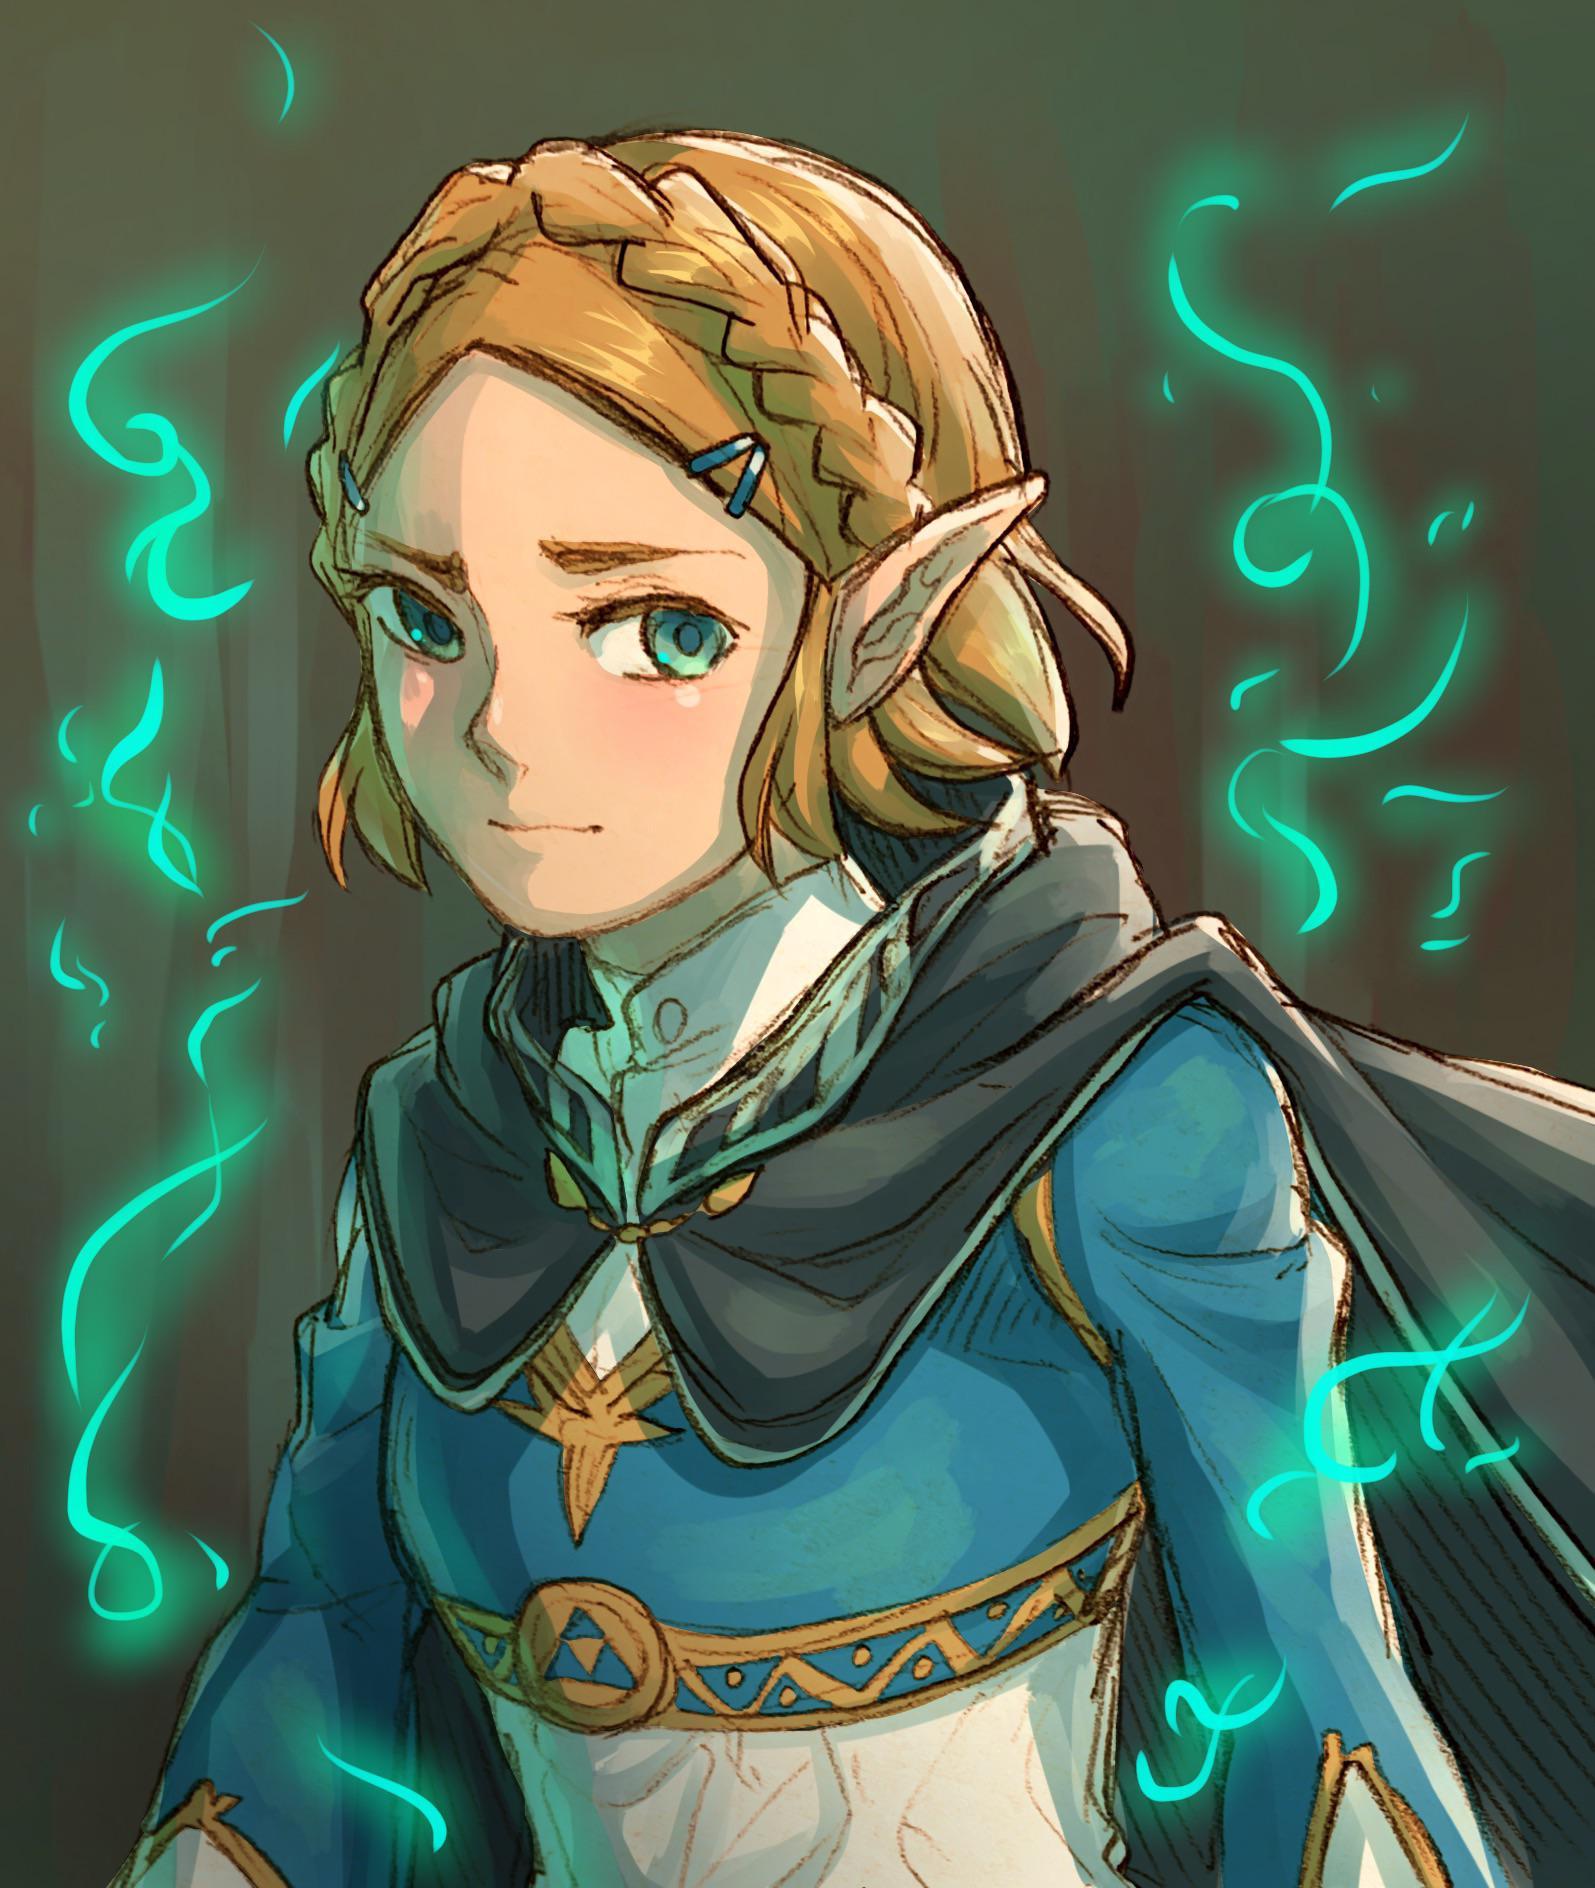 Short Hair Zelda The Legend Of Zelda Breath Of The Wild